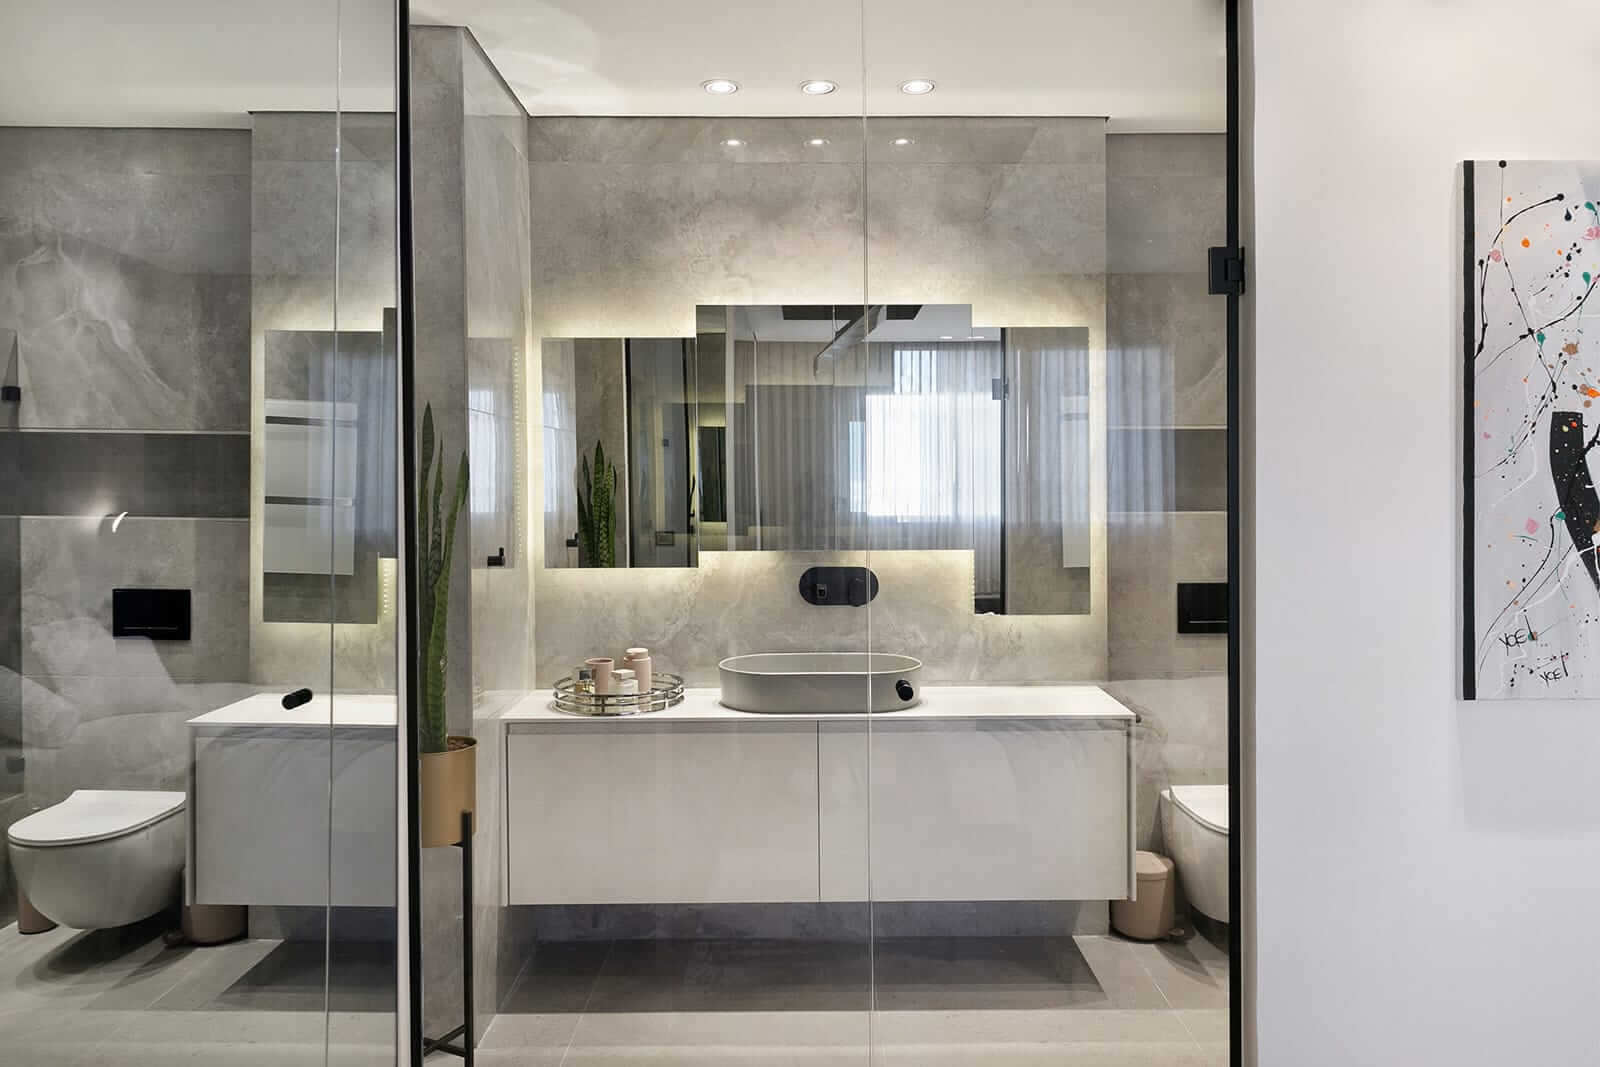 פרויקט תאורה מבית סיטי לייט חדר מקלחת